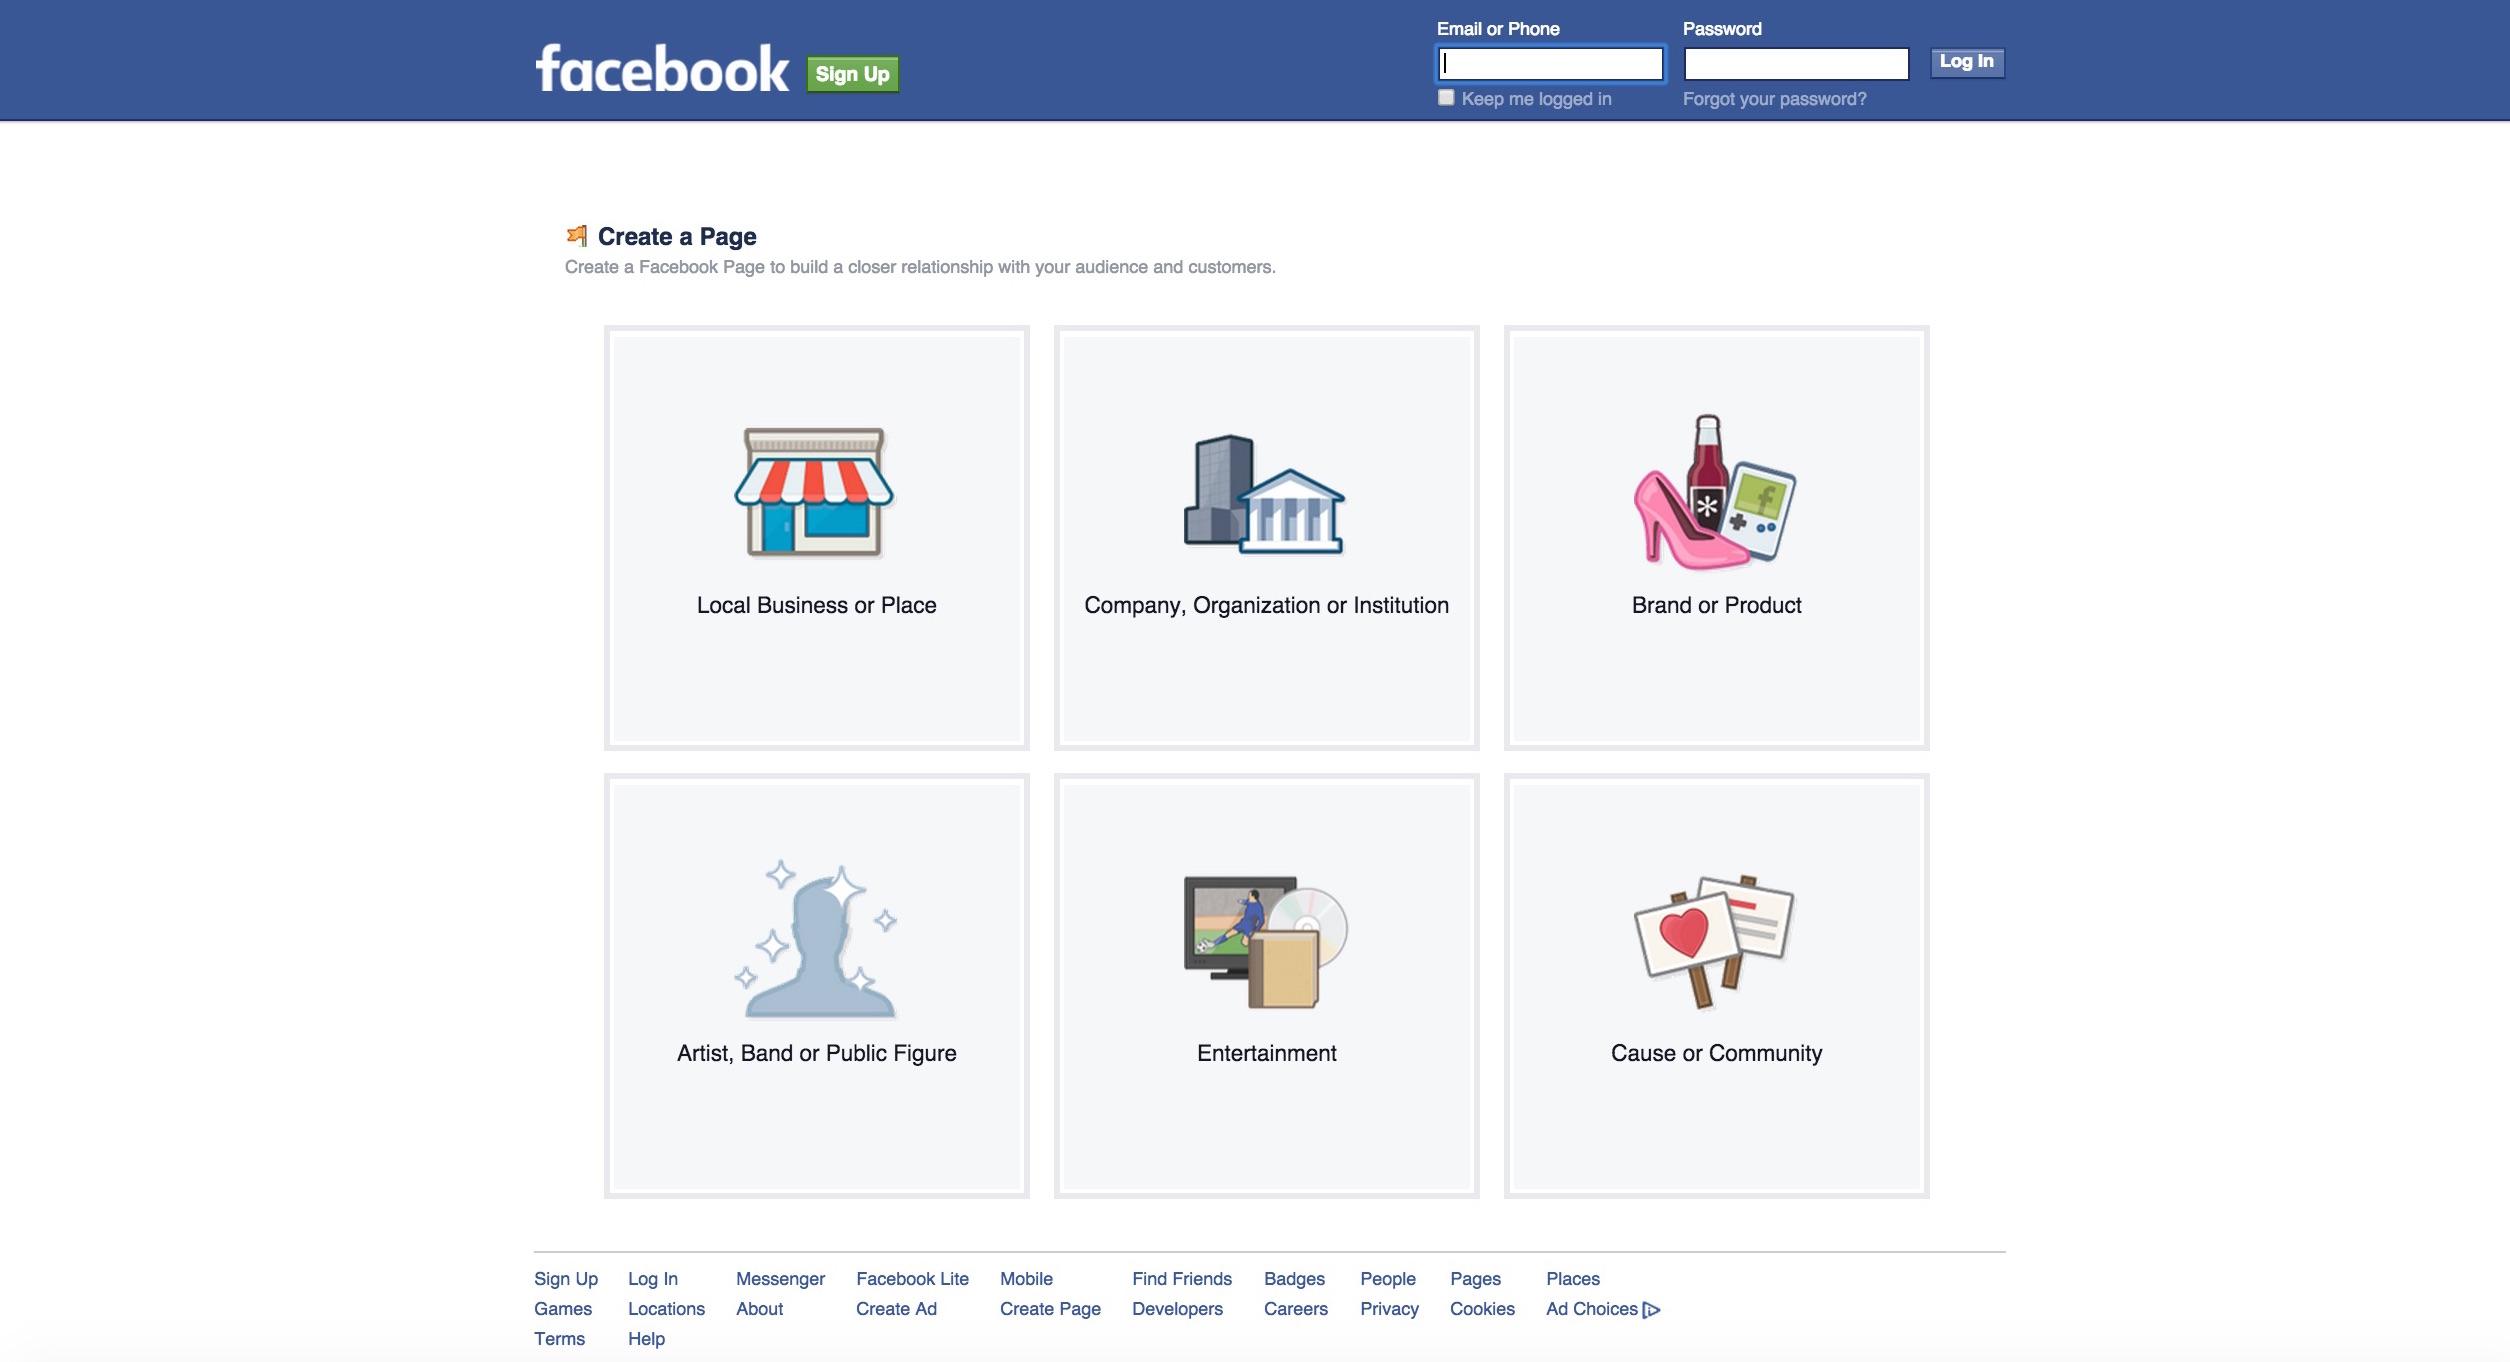 facebook-page-setup